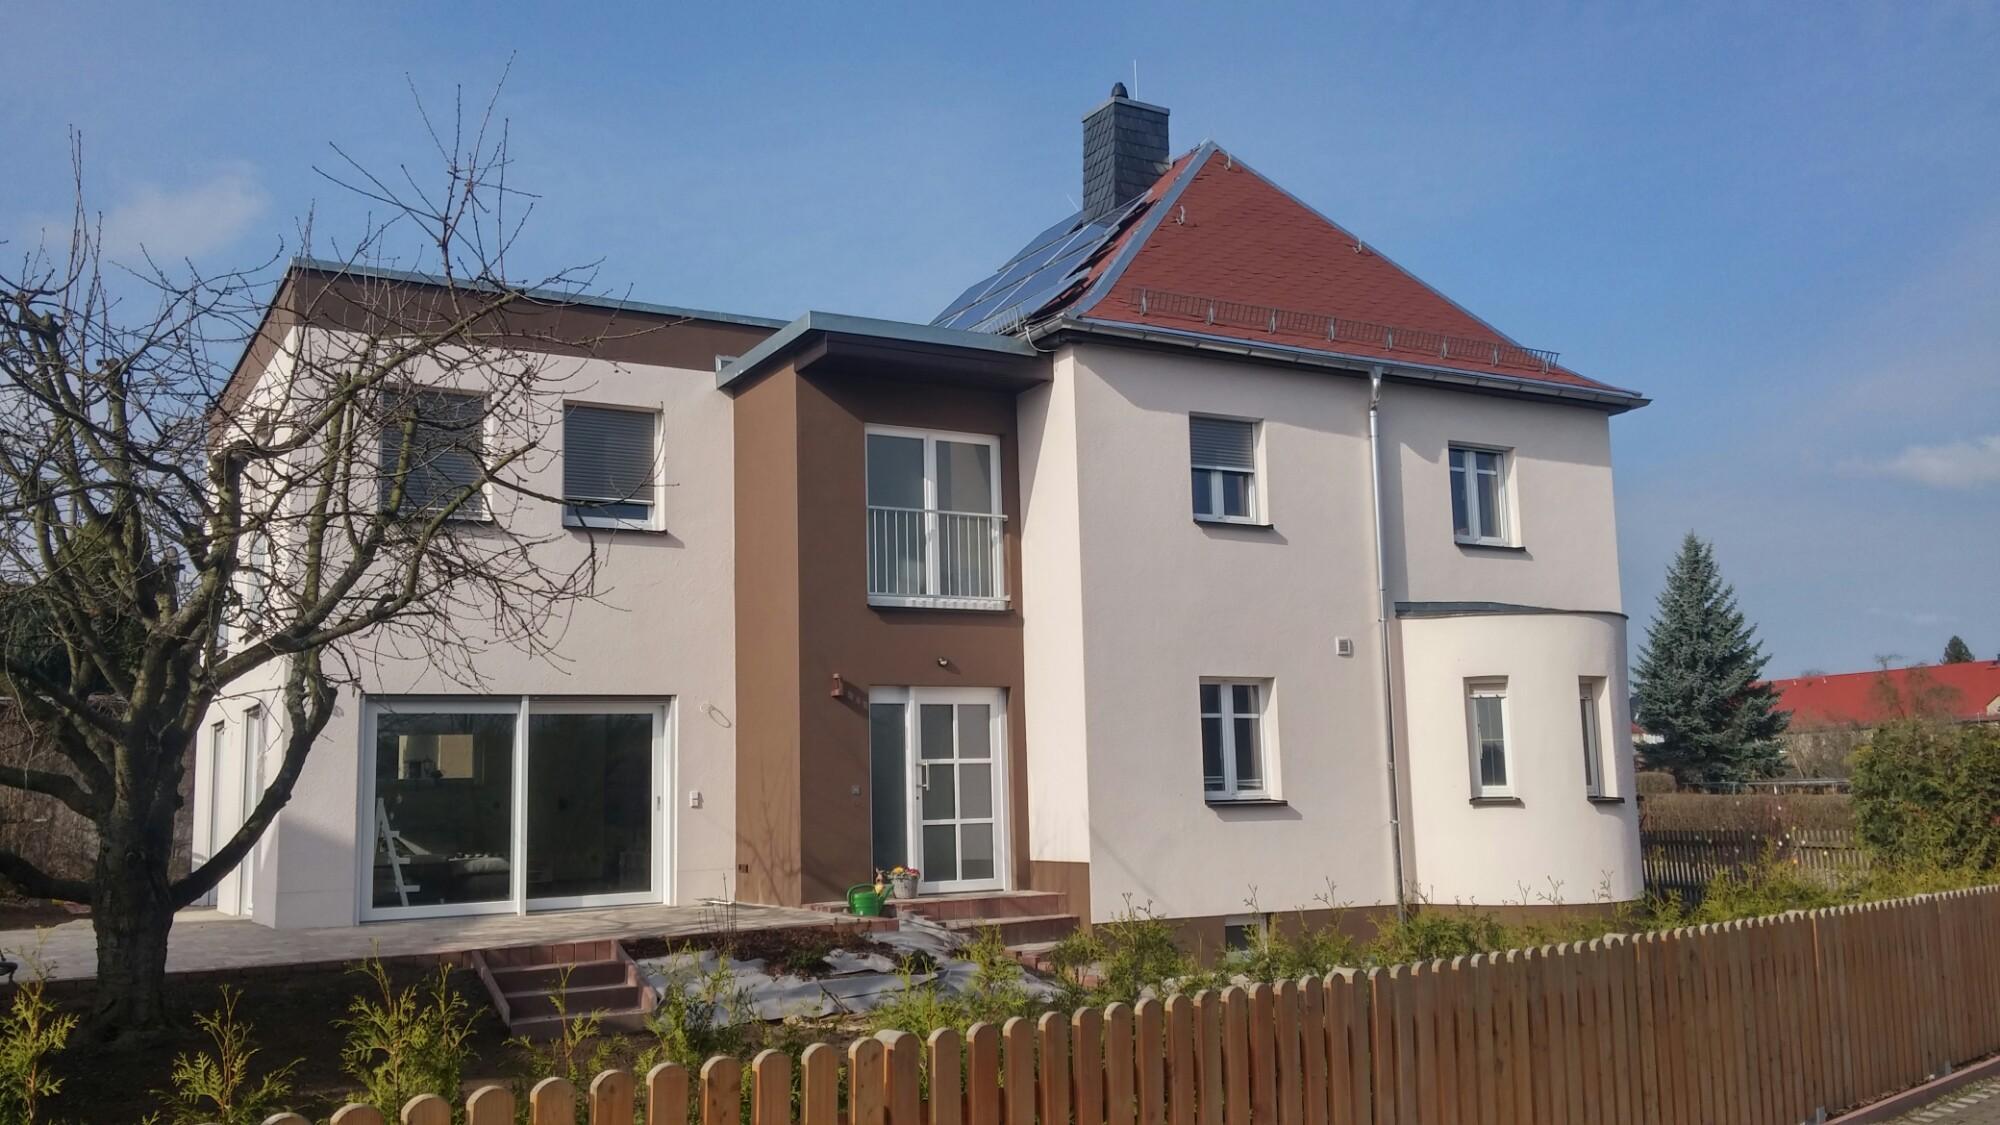 Häufig Anbau und Sanierung fertig gestellt Familie Dennhardt in Rochlitz IW58